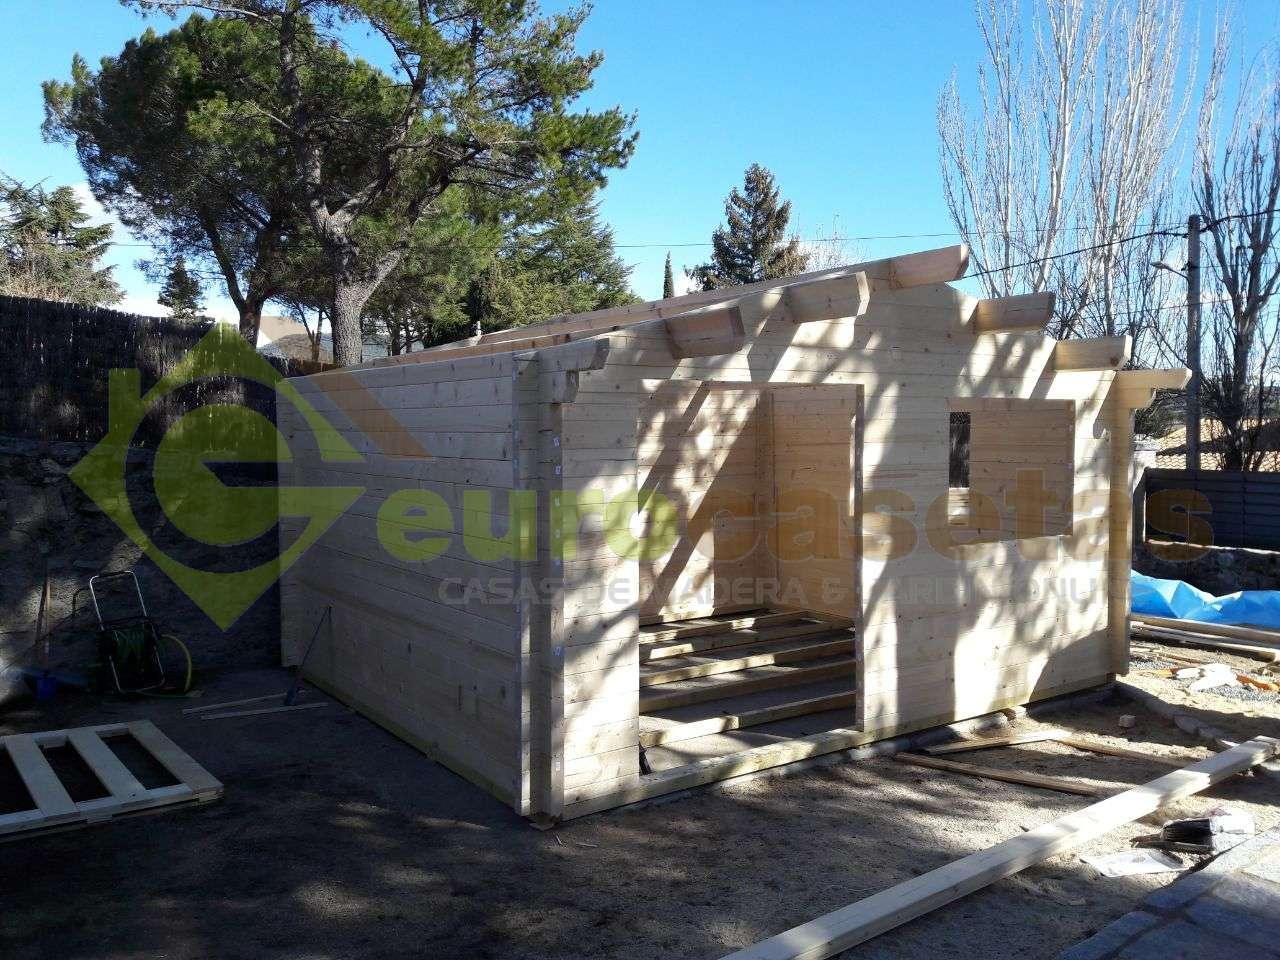 Montaje casa de jardin miranda 5x4 70 mm en madrid for Casetas de jardin baratas madrid